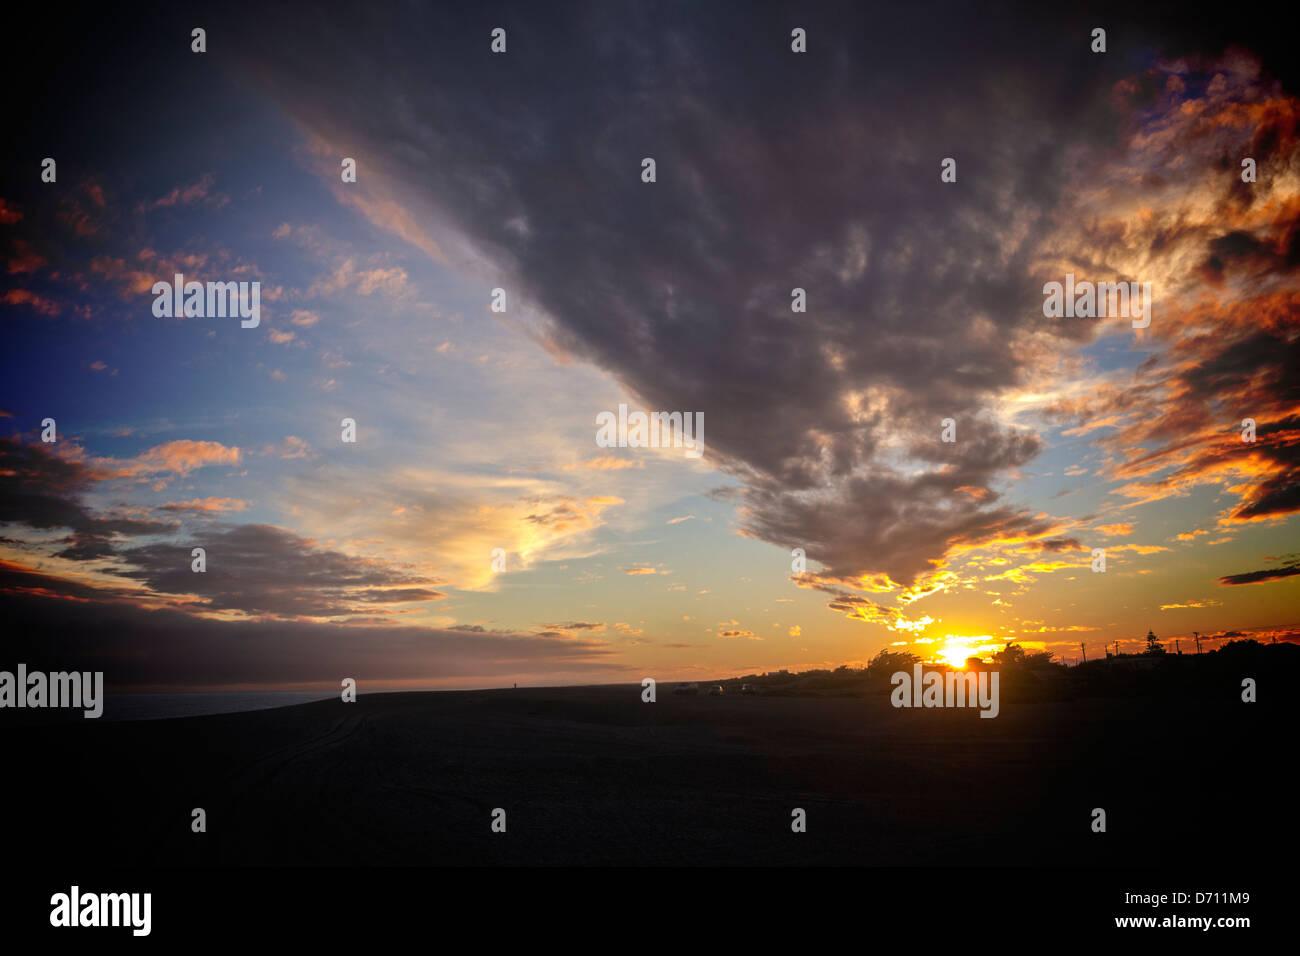 Coucher du soleil à Moody Sky - un coucher de soleil spectaculaire sur une plage sombre. Photo Stock